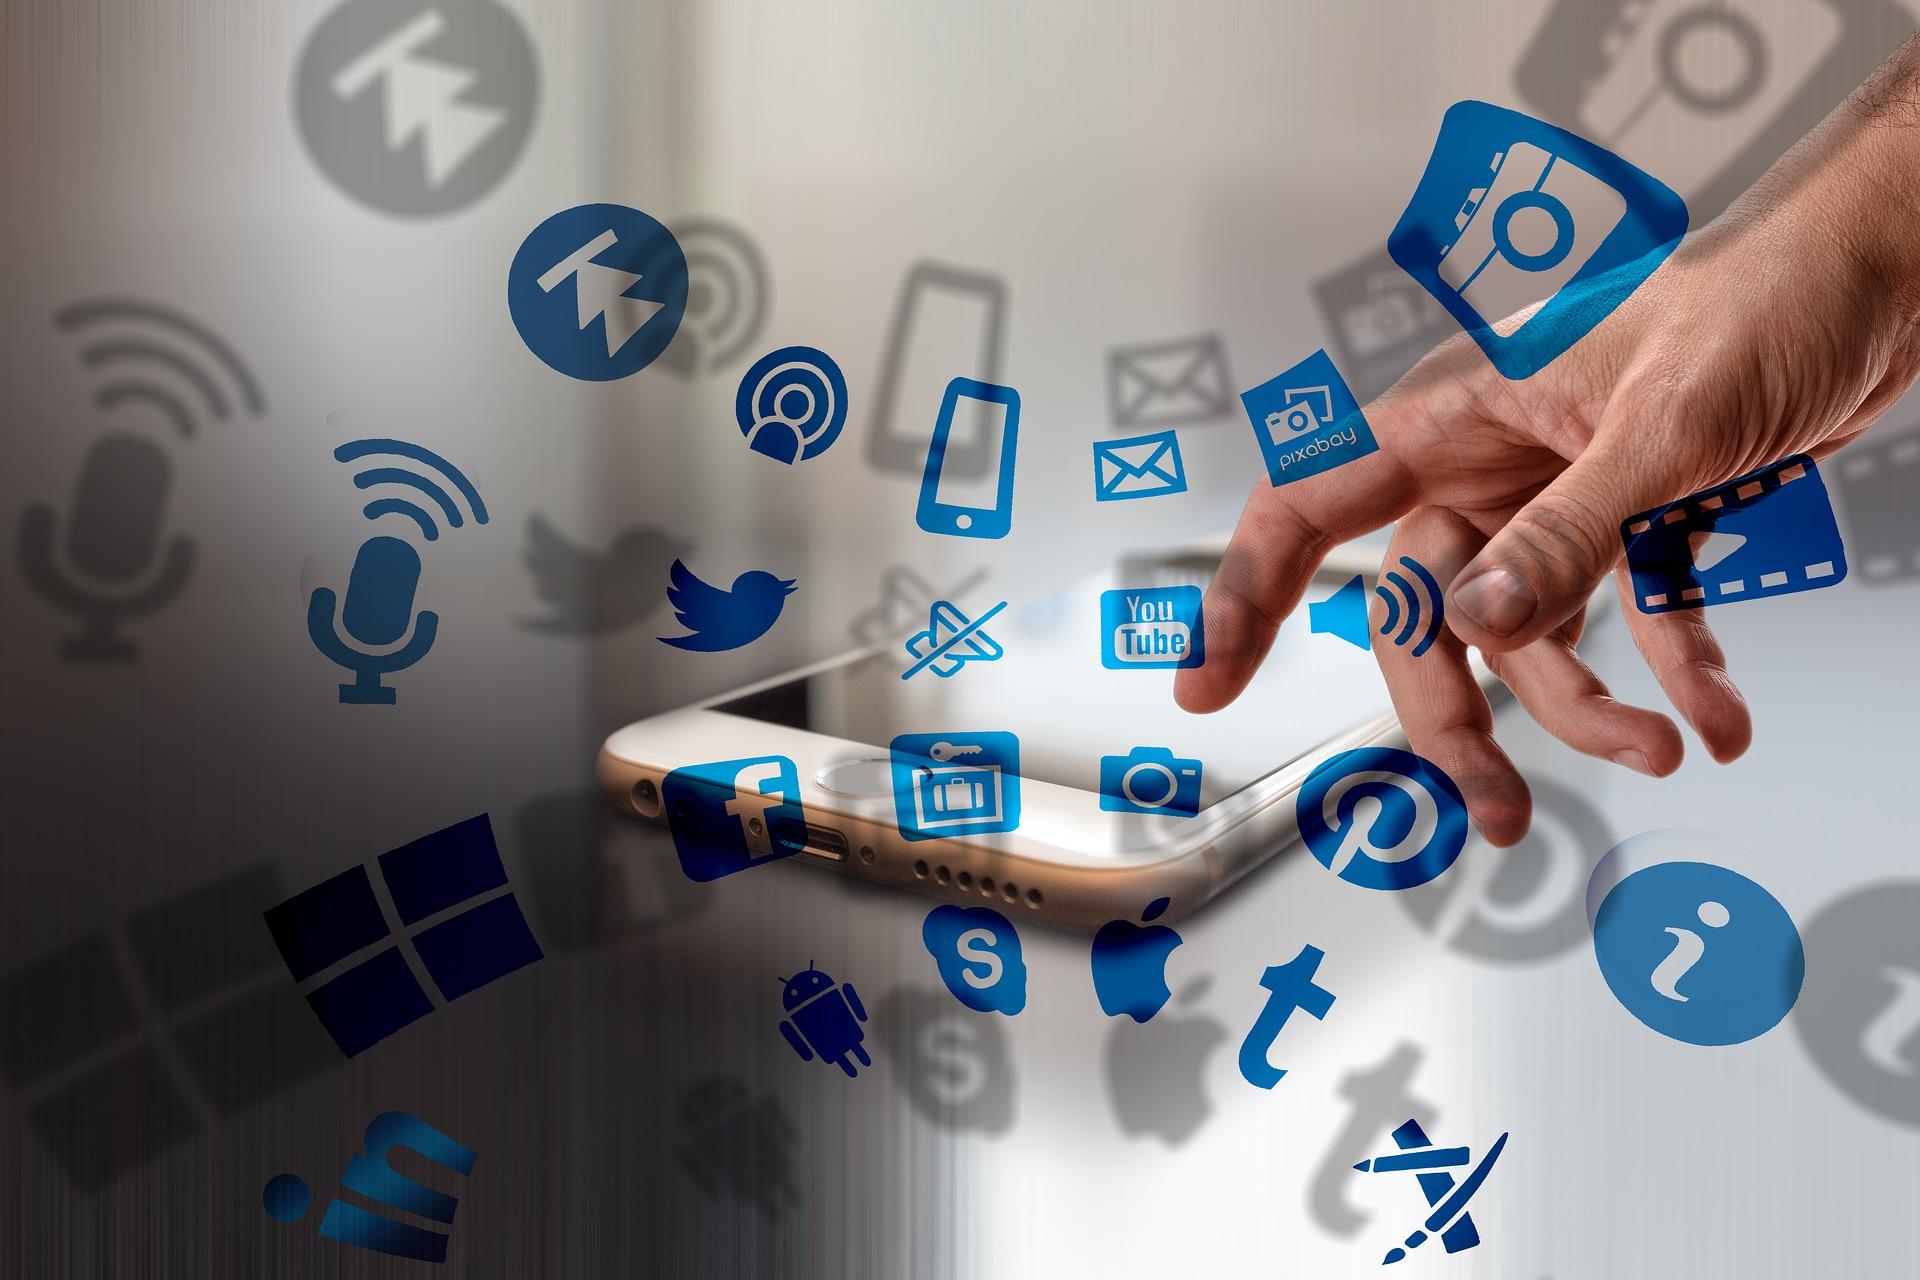 Estrategia de contenido para redes sociales